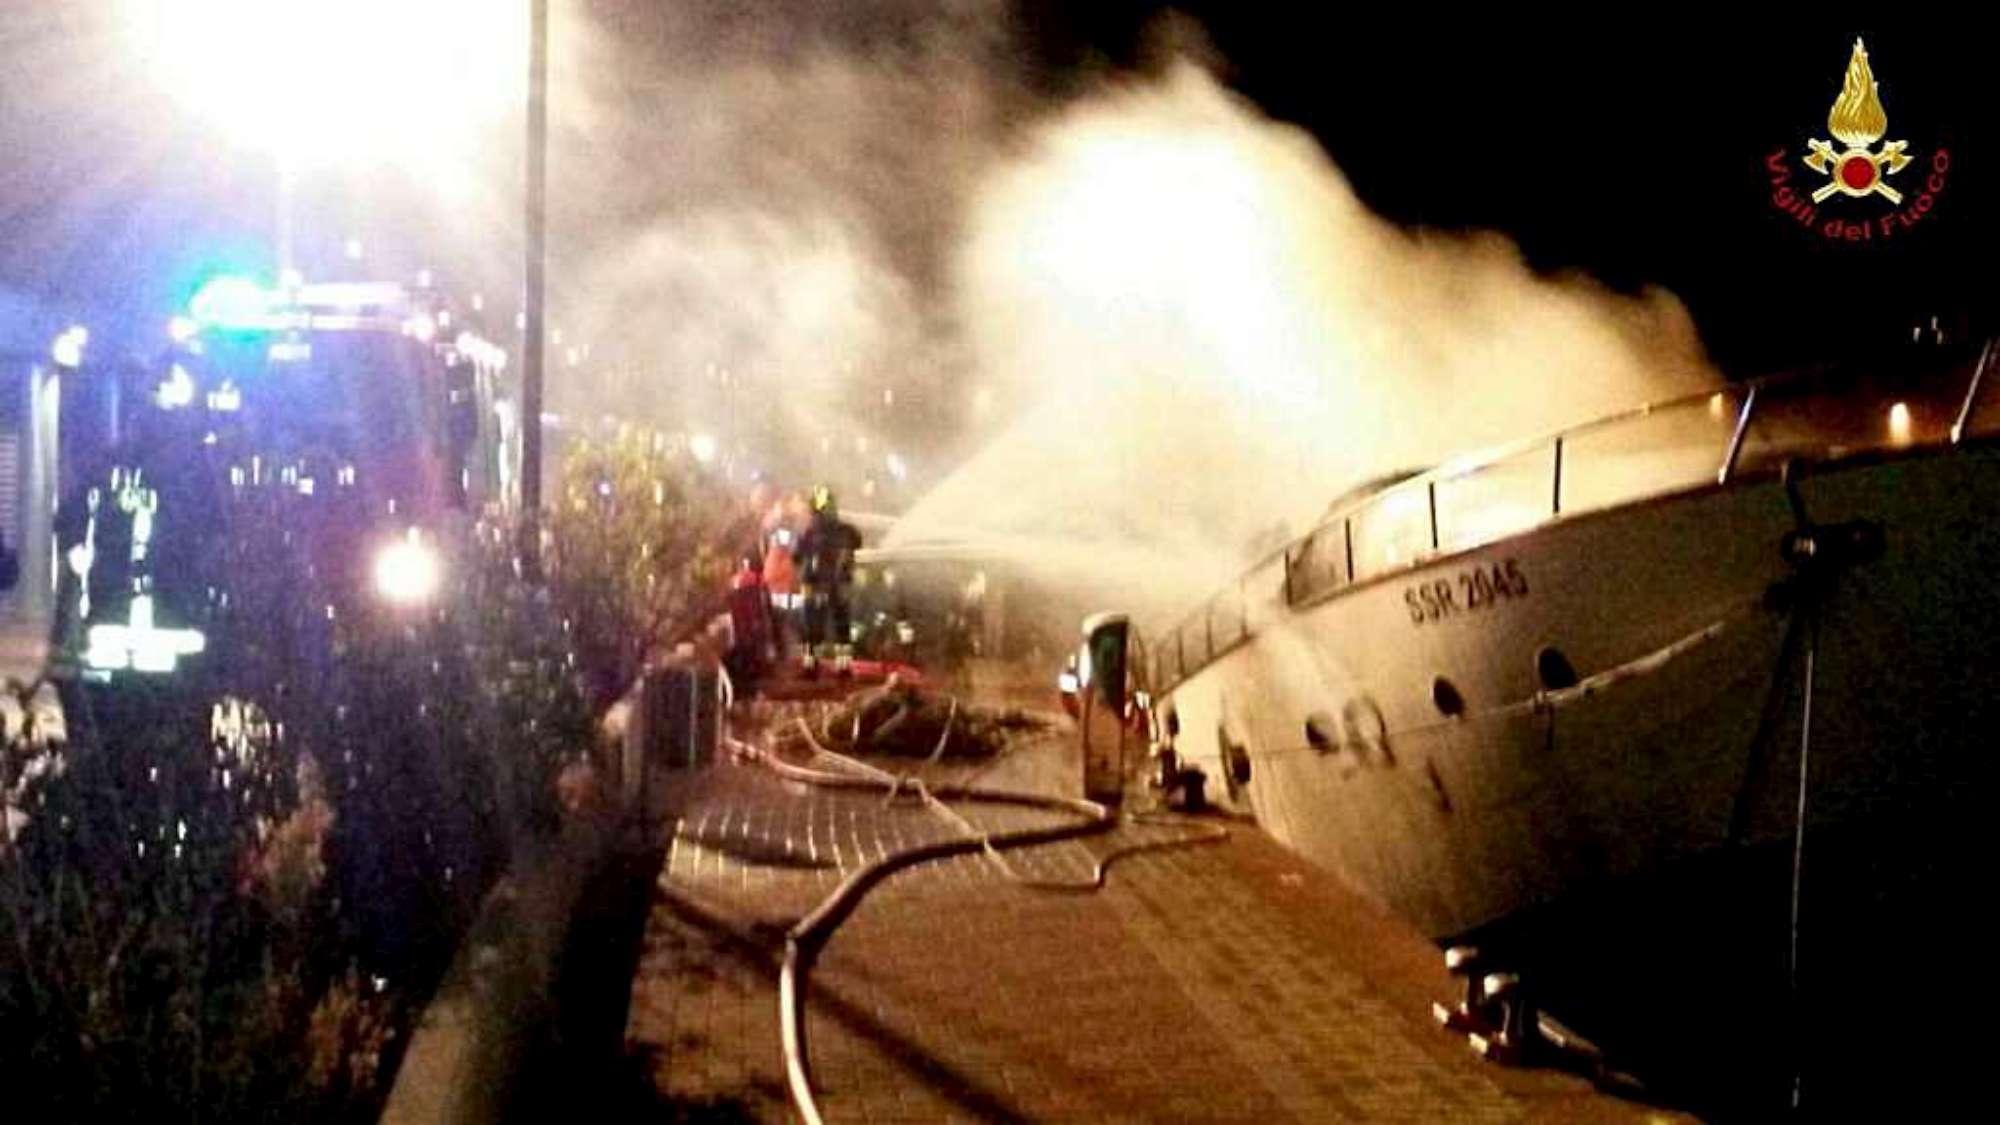 Savona fiamme su uno yacht ormeggiato a Loano, si temono vittime